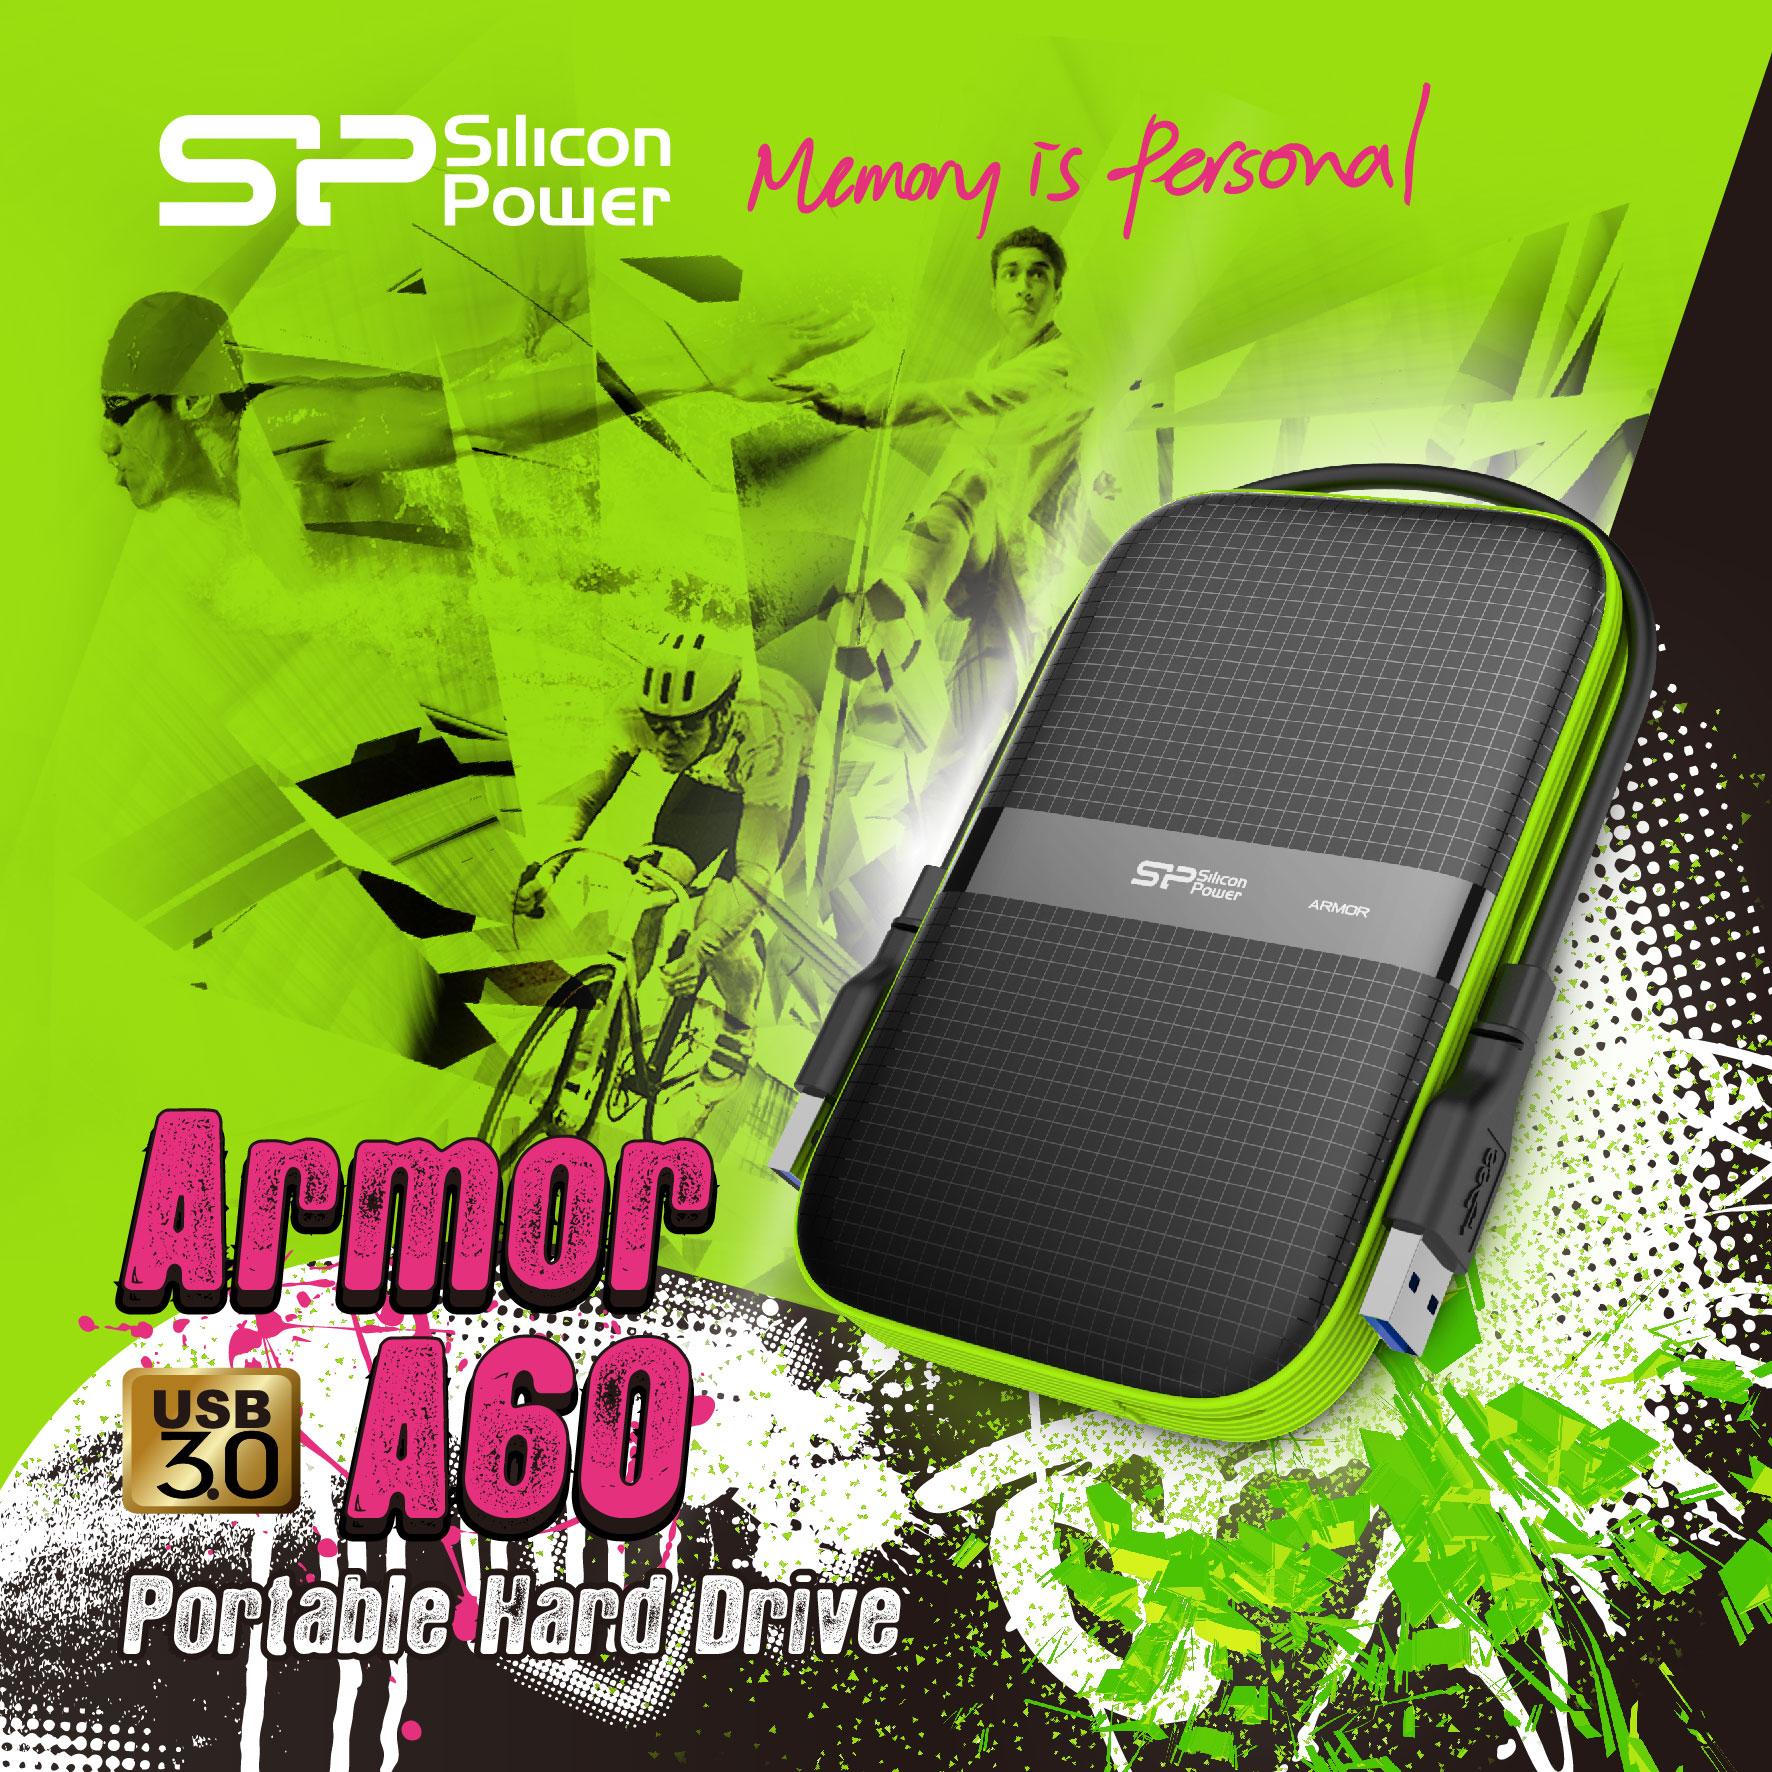 SP廣穎電通推出超強悍USB 3.0軍規防震防潑水外接硬碟—Armor A60 飆鋒戰將 重裝上陣